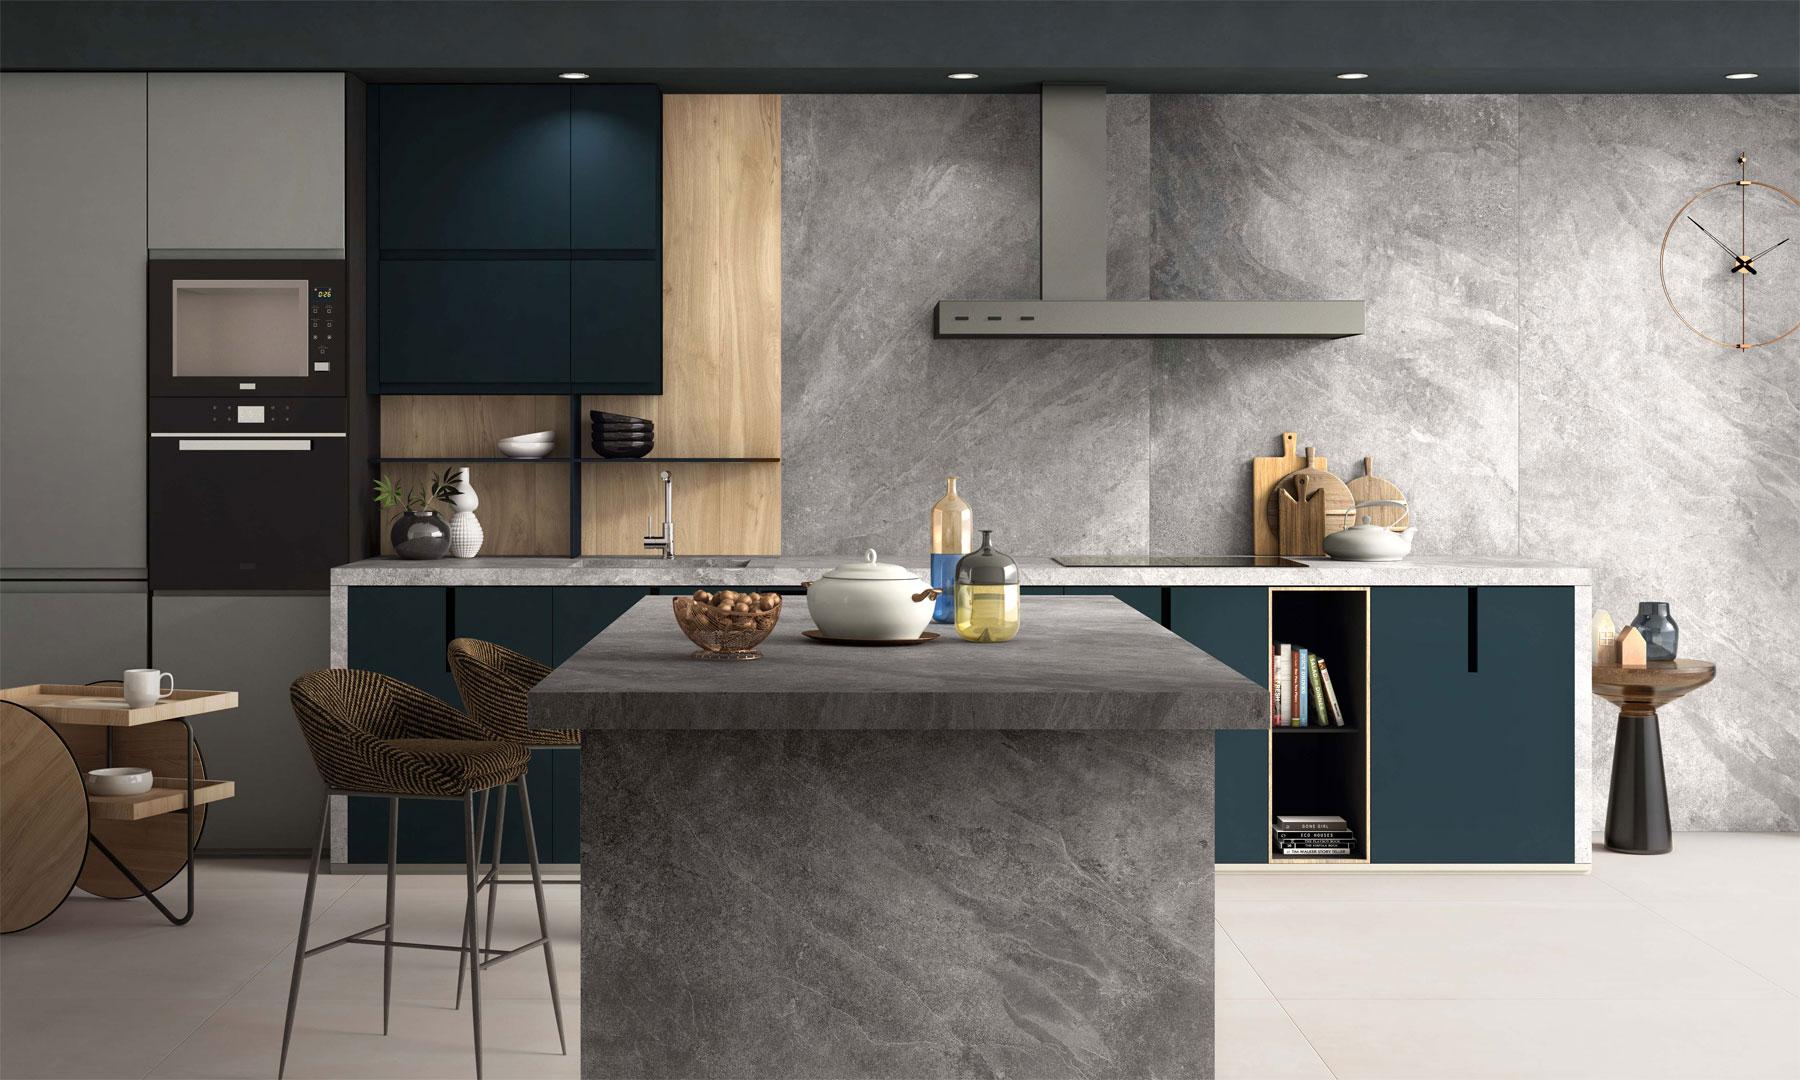 Ceramiche Bagno Migliori.Carry Shop Enjoy Your Home